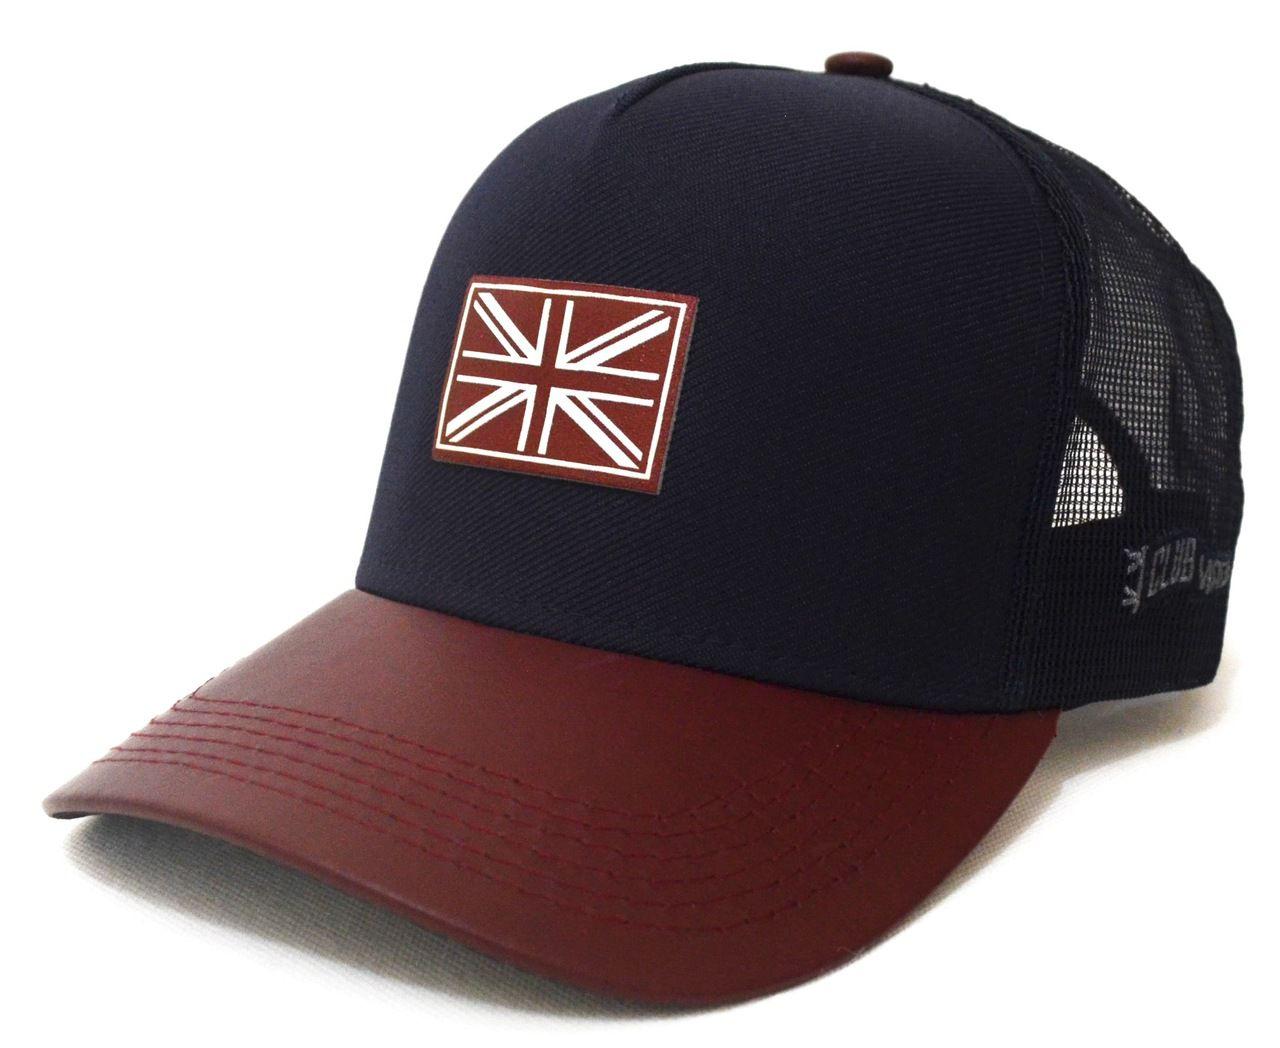 Boné Inglaterra Azul Marinho Aba Curva Vinho Unissex England 6134d2fdf52